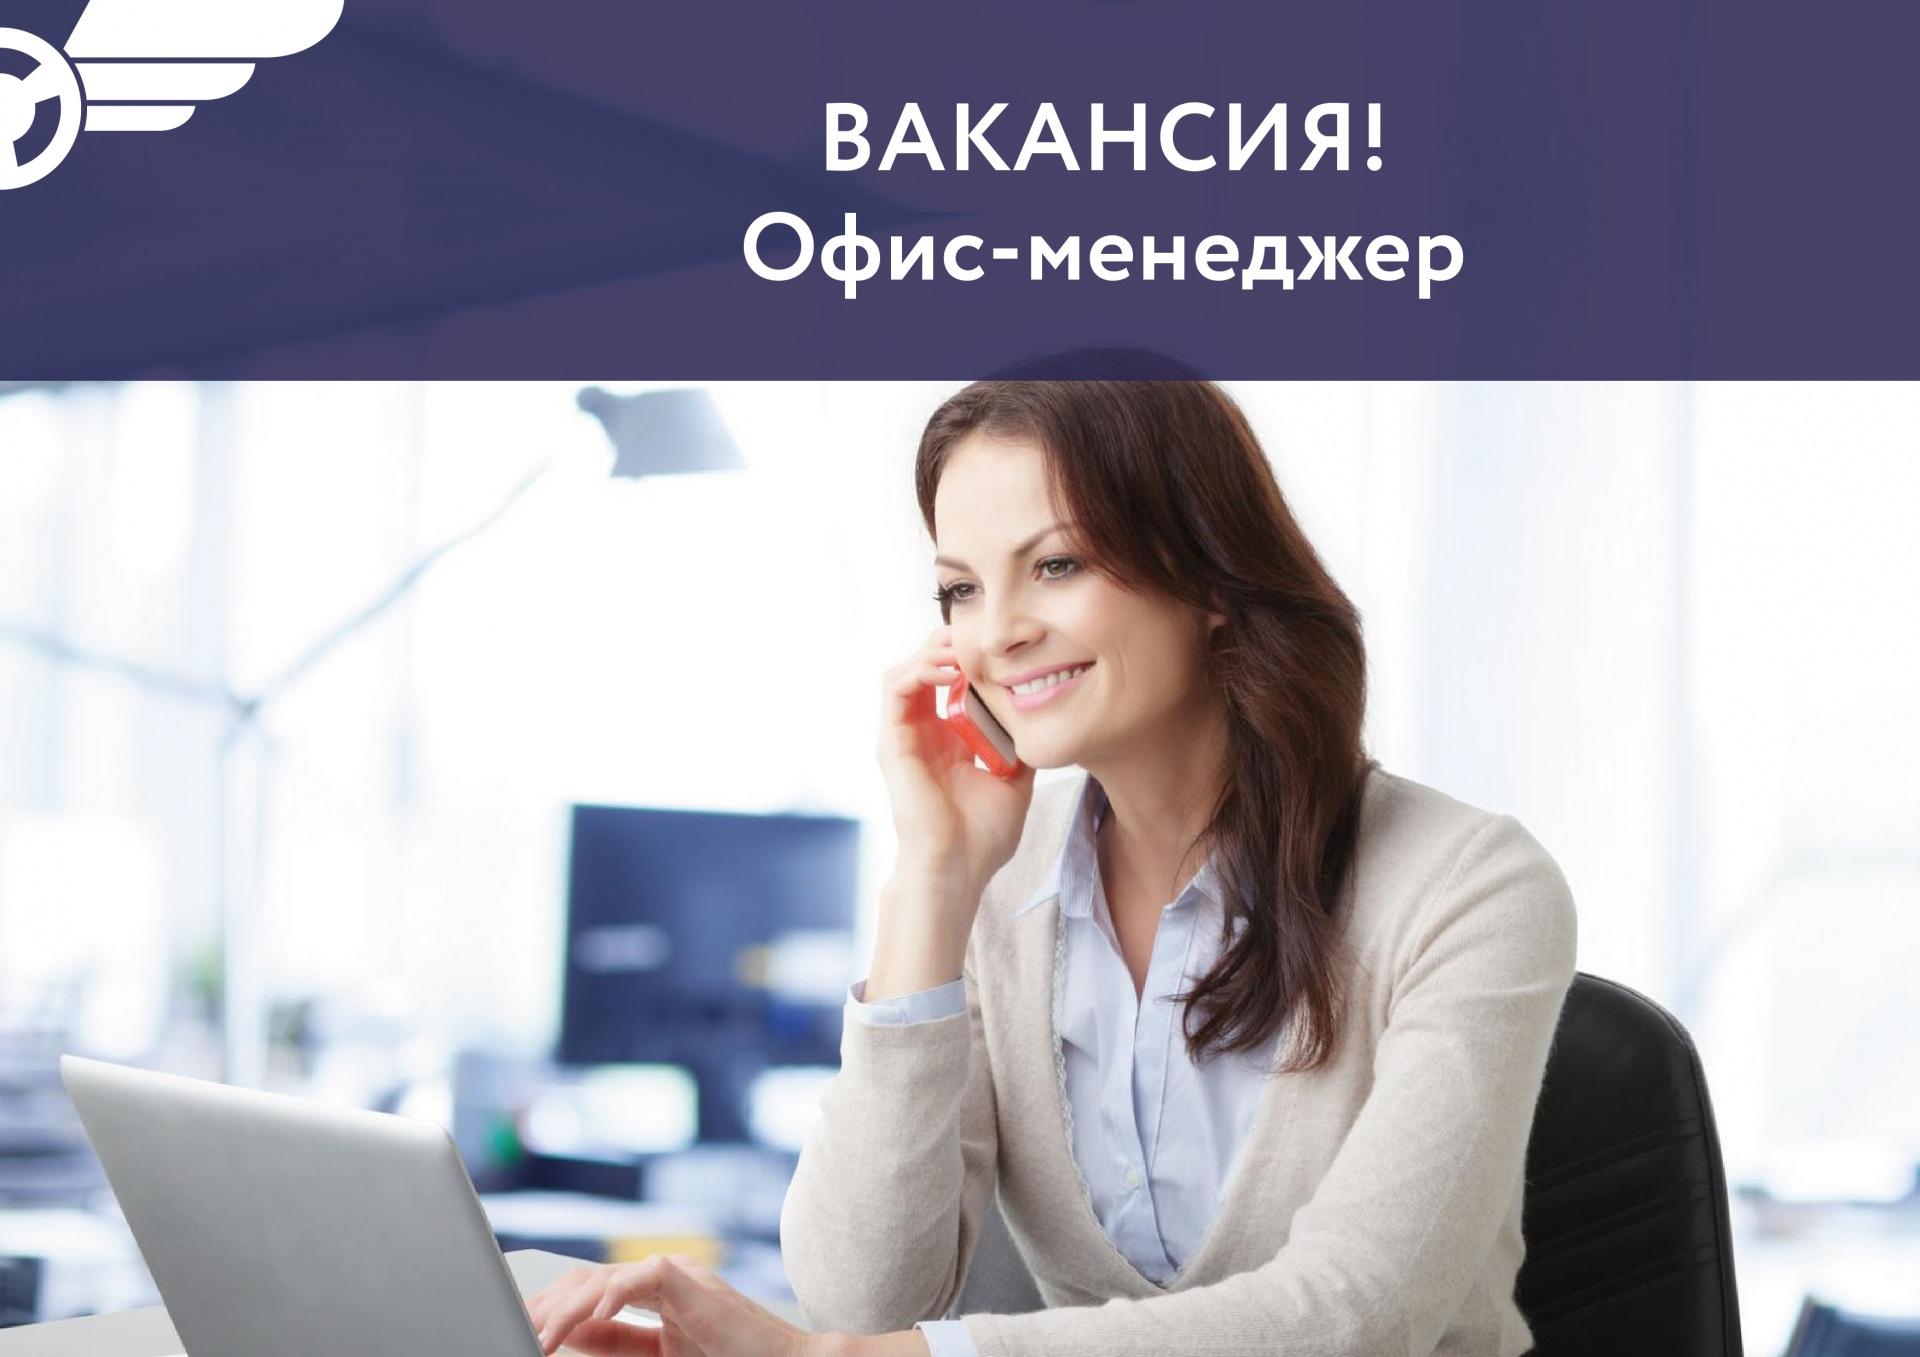 Post-dlya-VK_Ofis-menedgher-01.jpg